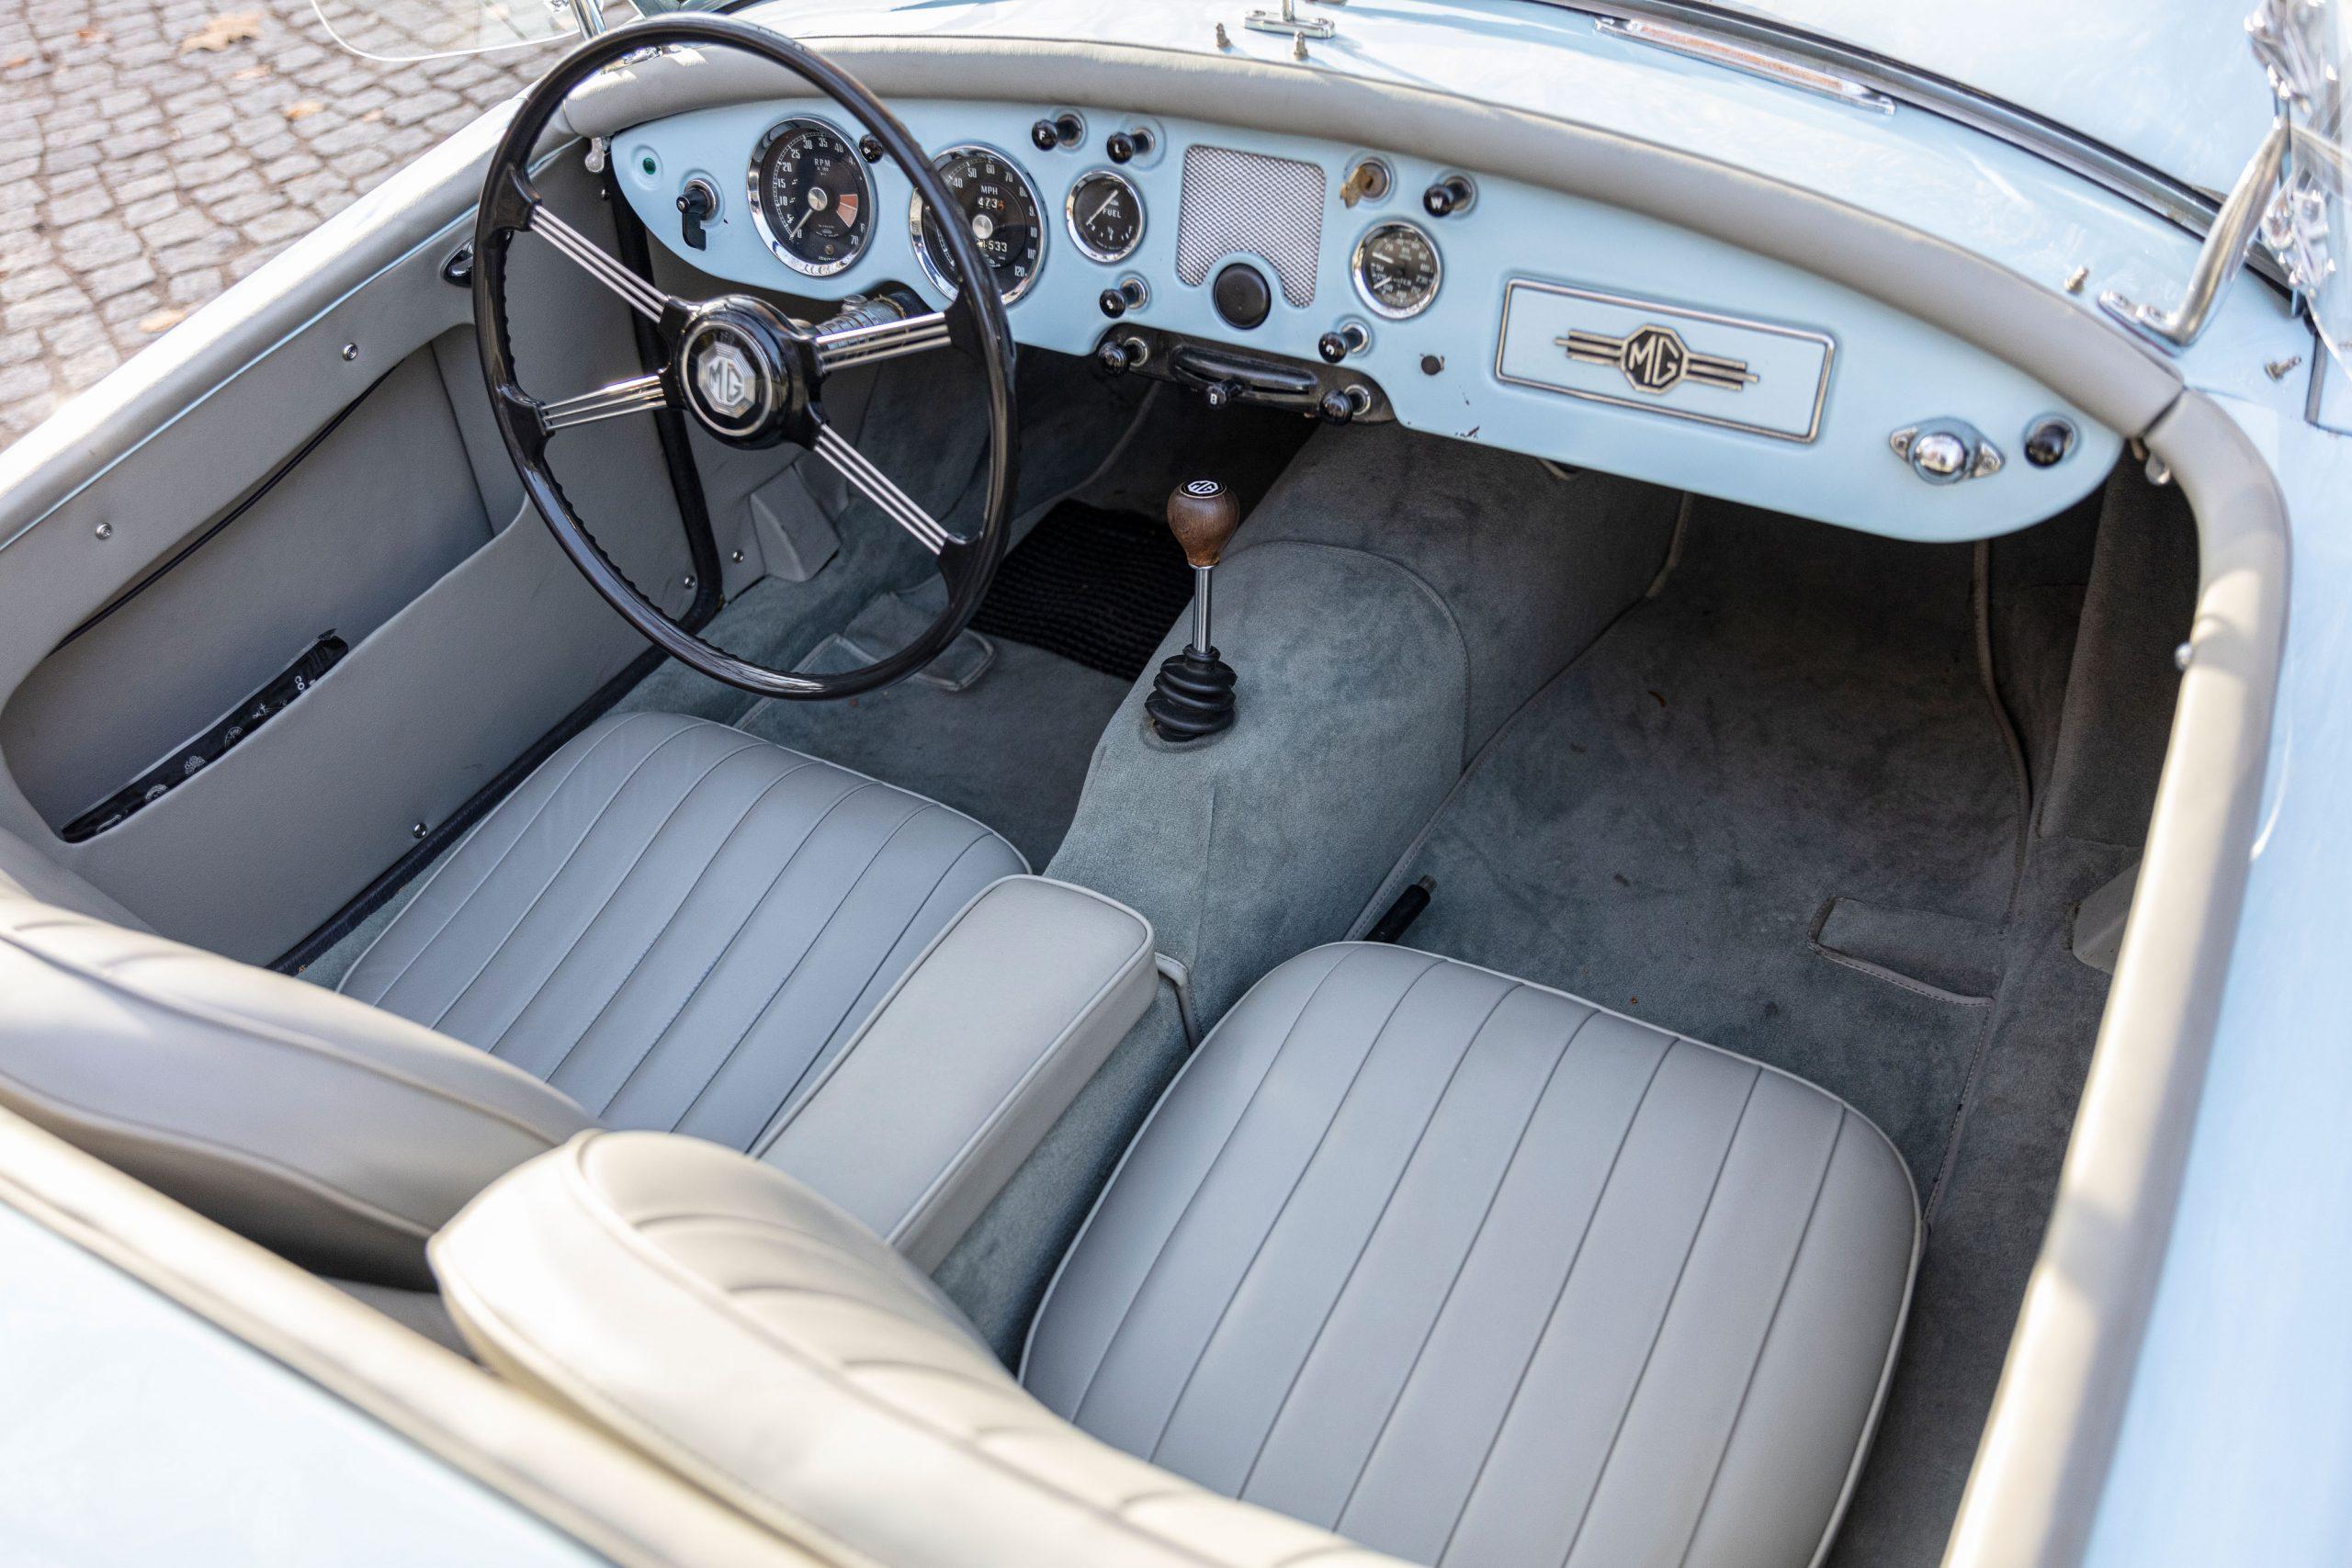 MG MGA 1500 Roadster interior